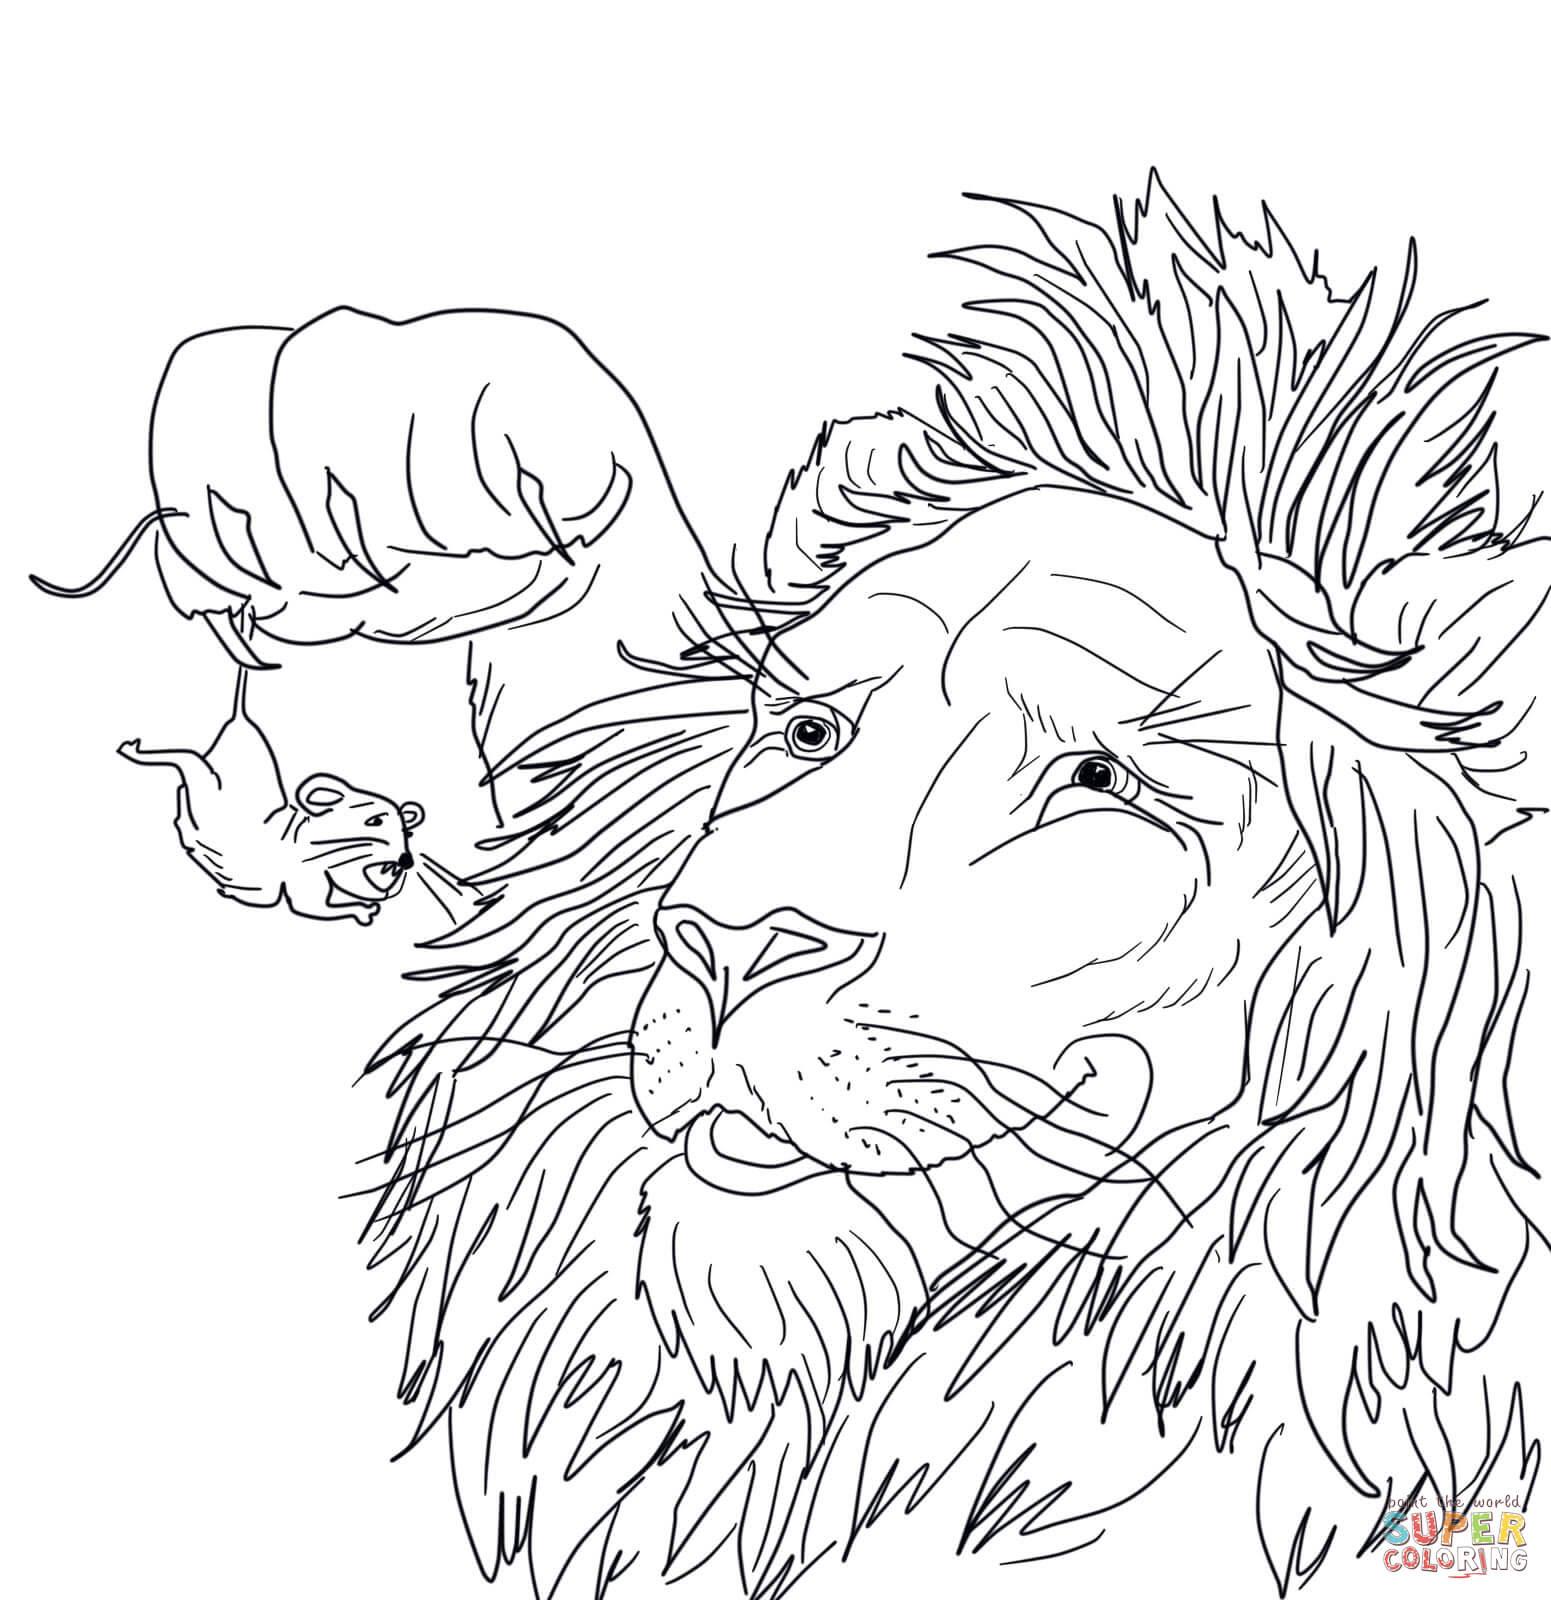 Ausmalbild: Der große Löwe fängt eine kleine Maus ...